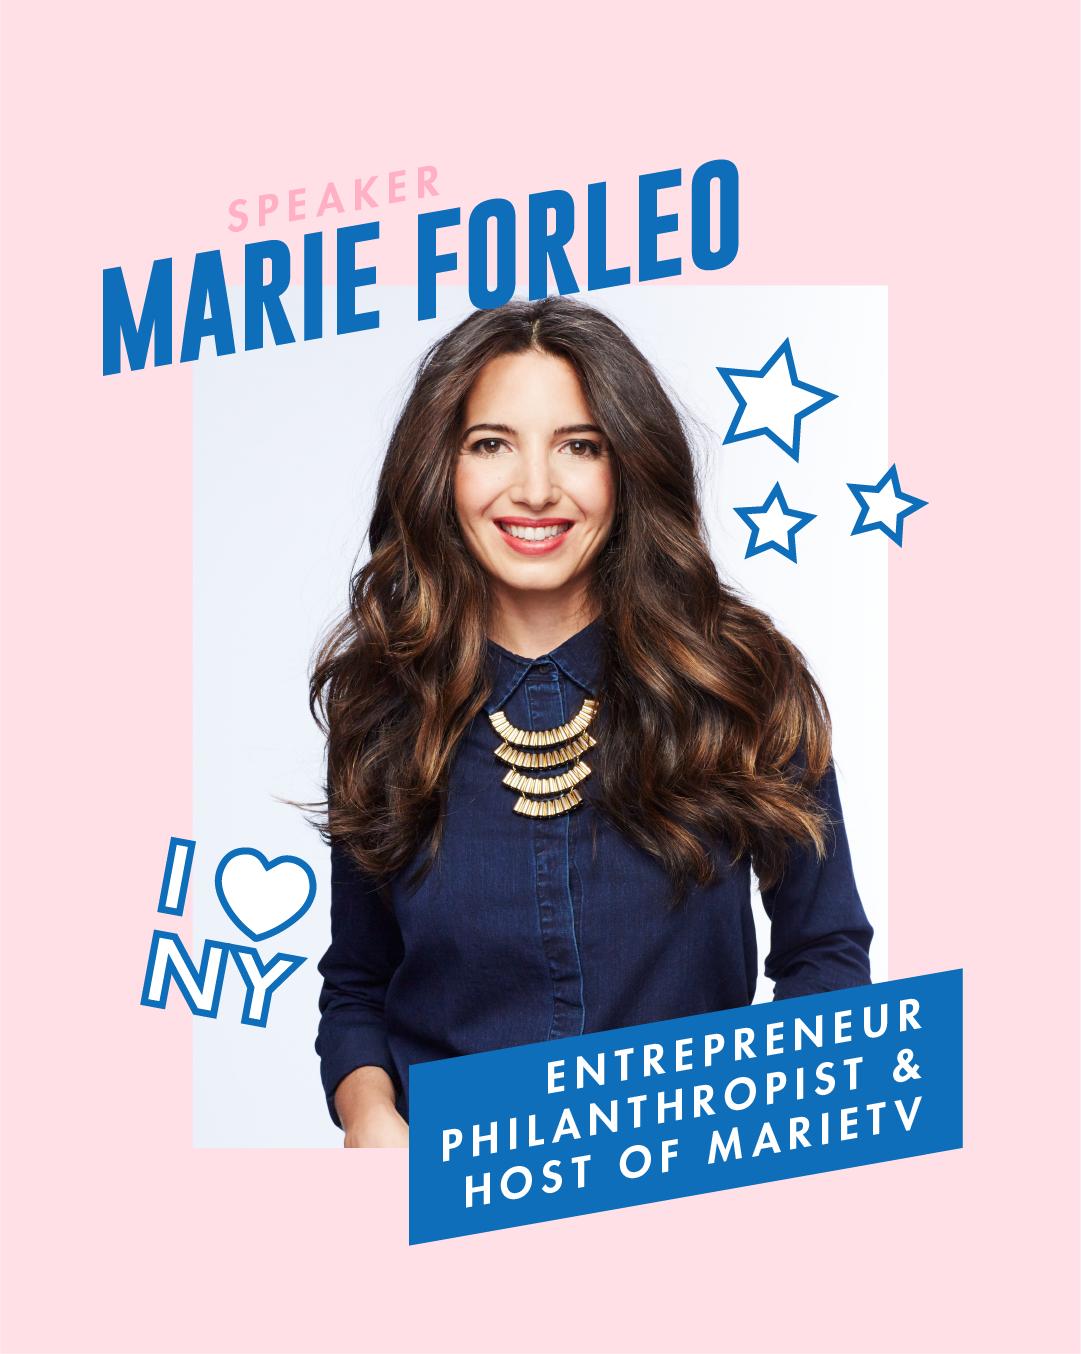 CCNYC_Speaker_MarieForleo.png